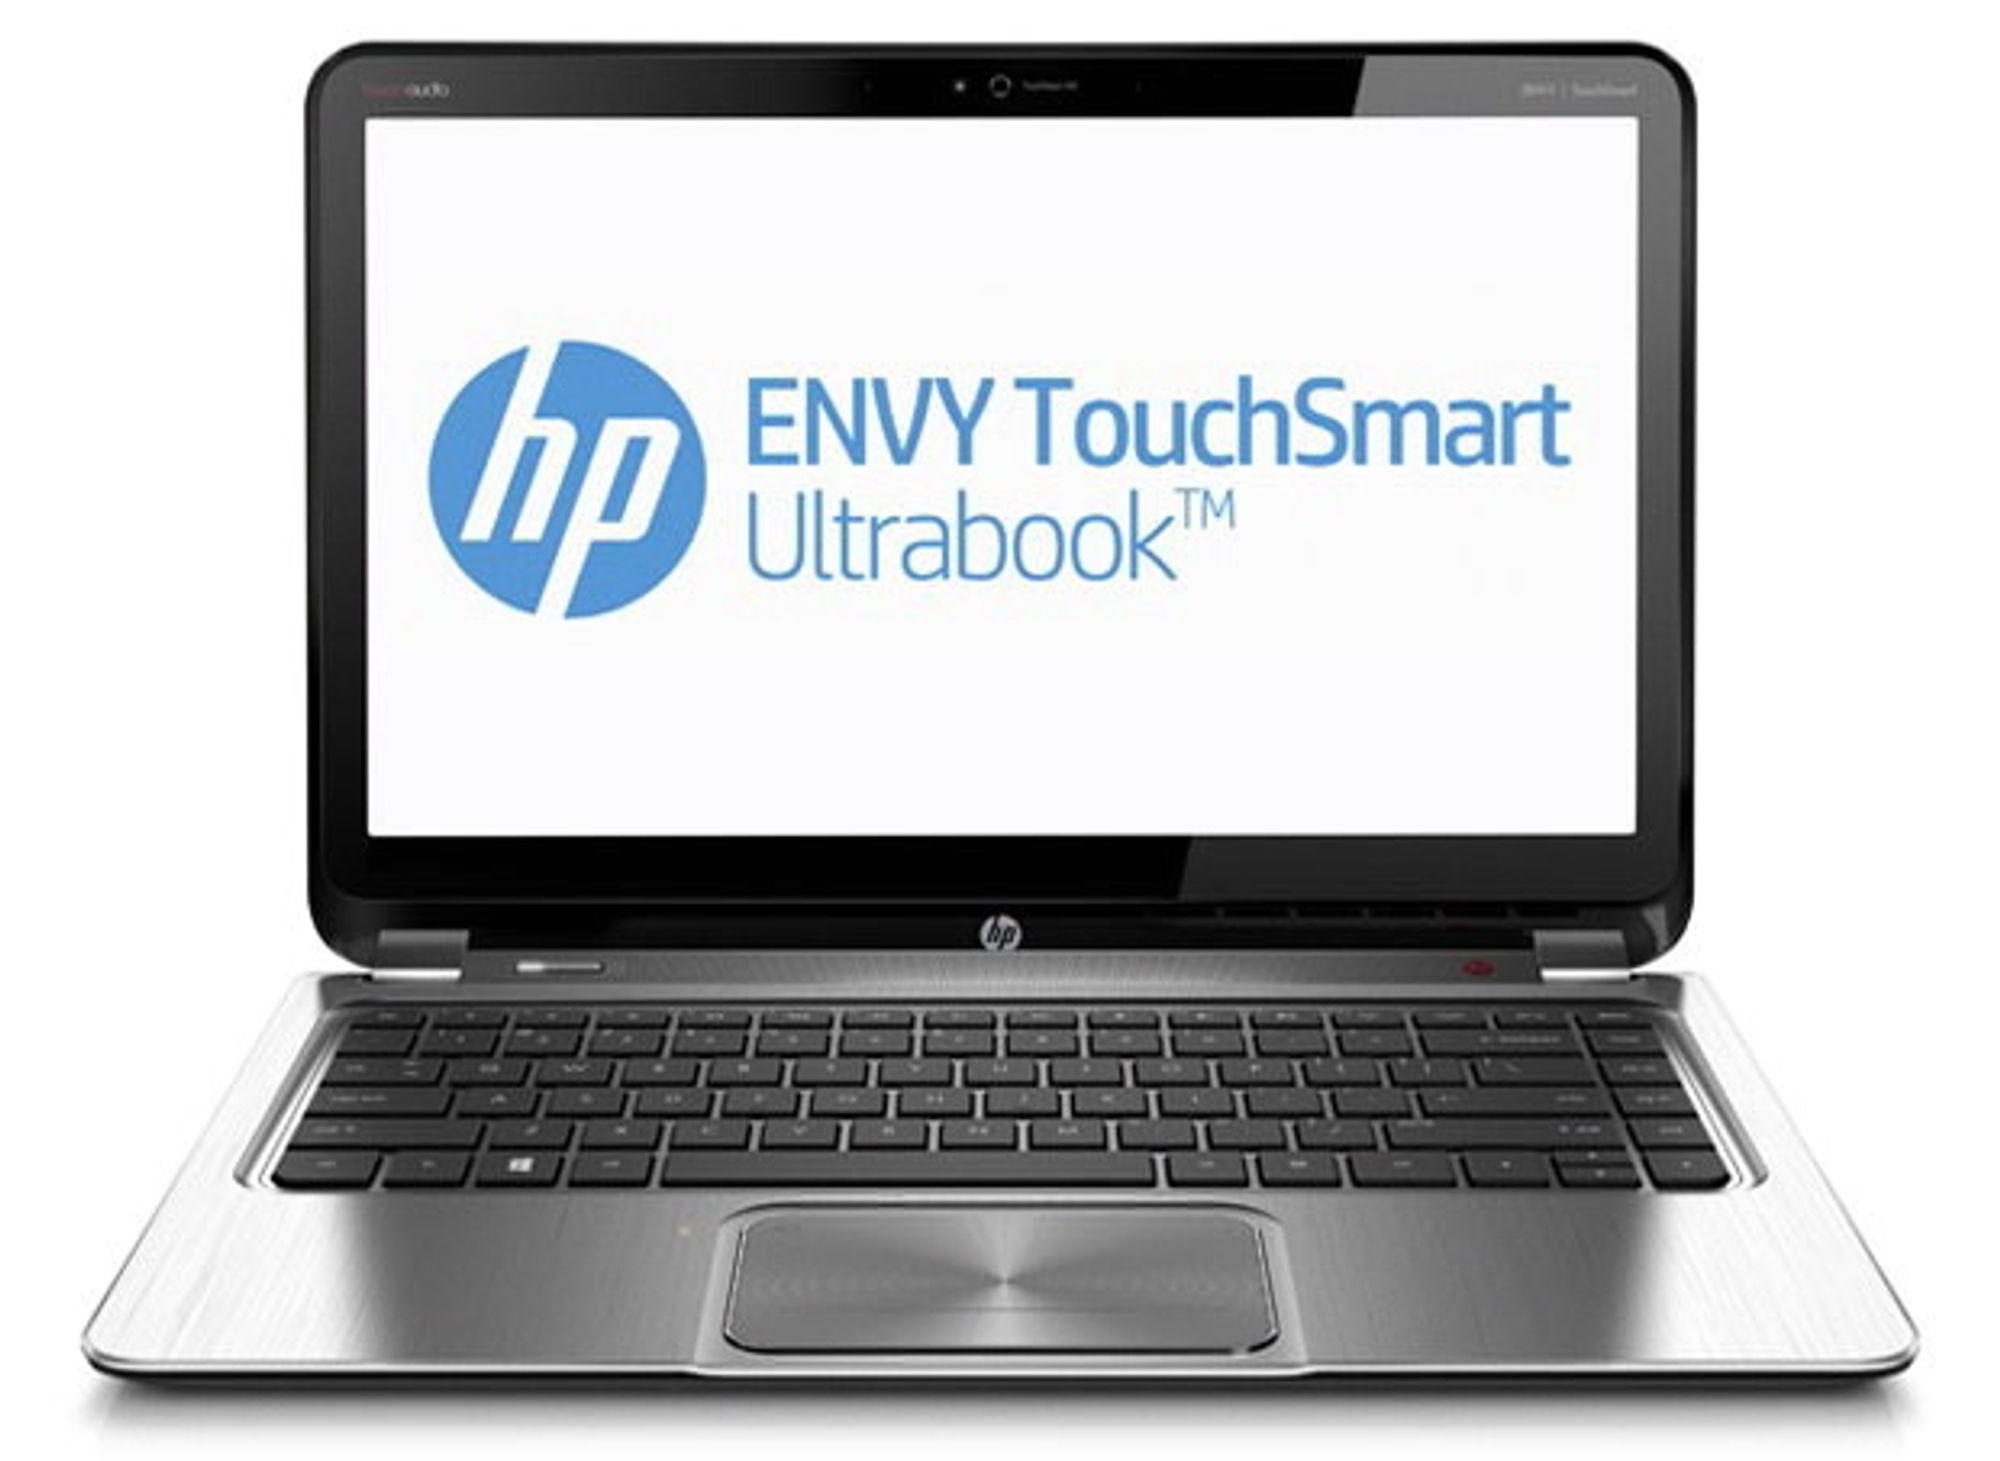 Med superskjerm: Envy 14 TouchSmart Ultrabook kan fås med en skjermoppløsnign på hele 3200 ganger 1800 piksler.